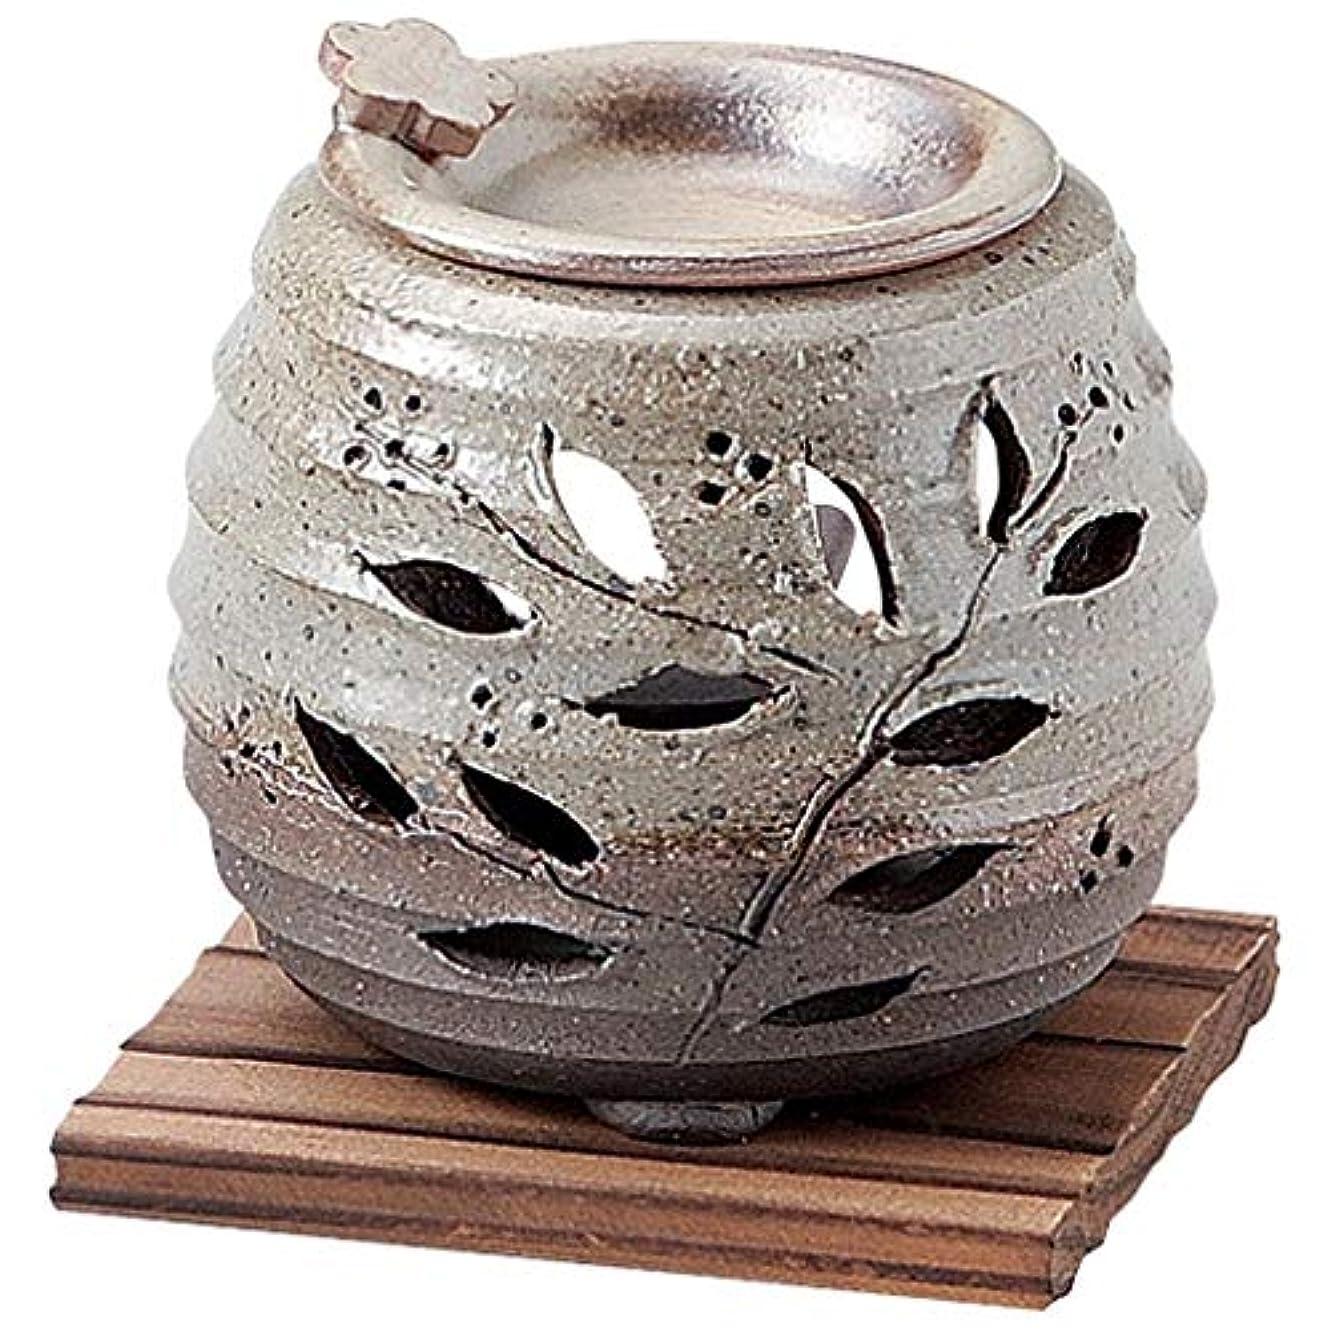 サミュエルモーション横お部屋の消臭に!■常滑焼【茶香炉】石龍作 緑灰釉花茶香炉(板付)